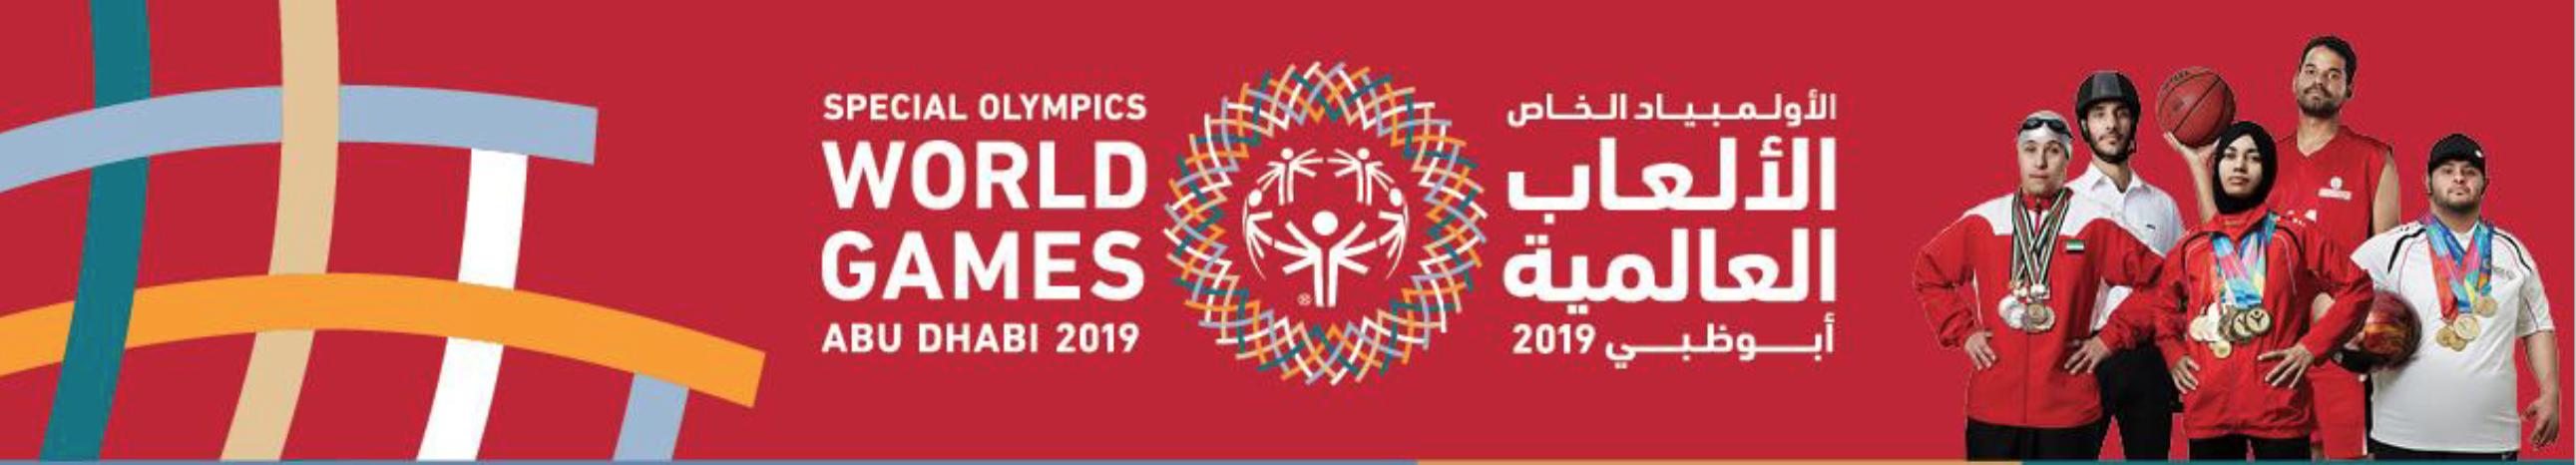 World Games 2019 Banner